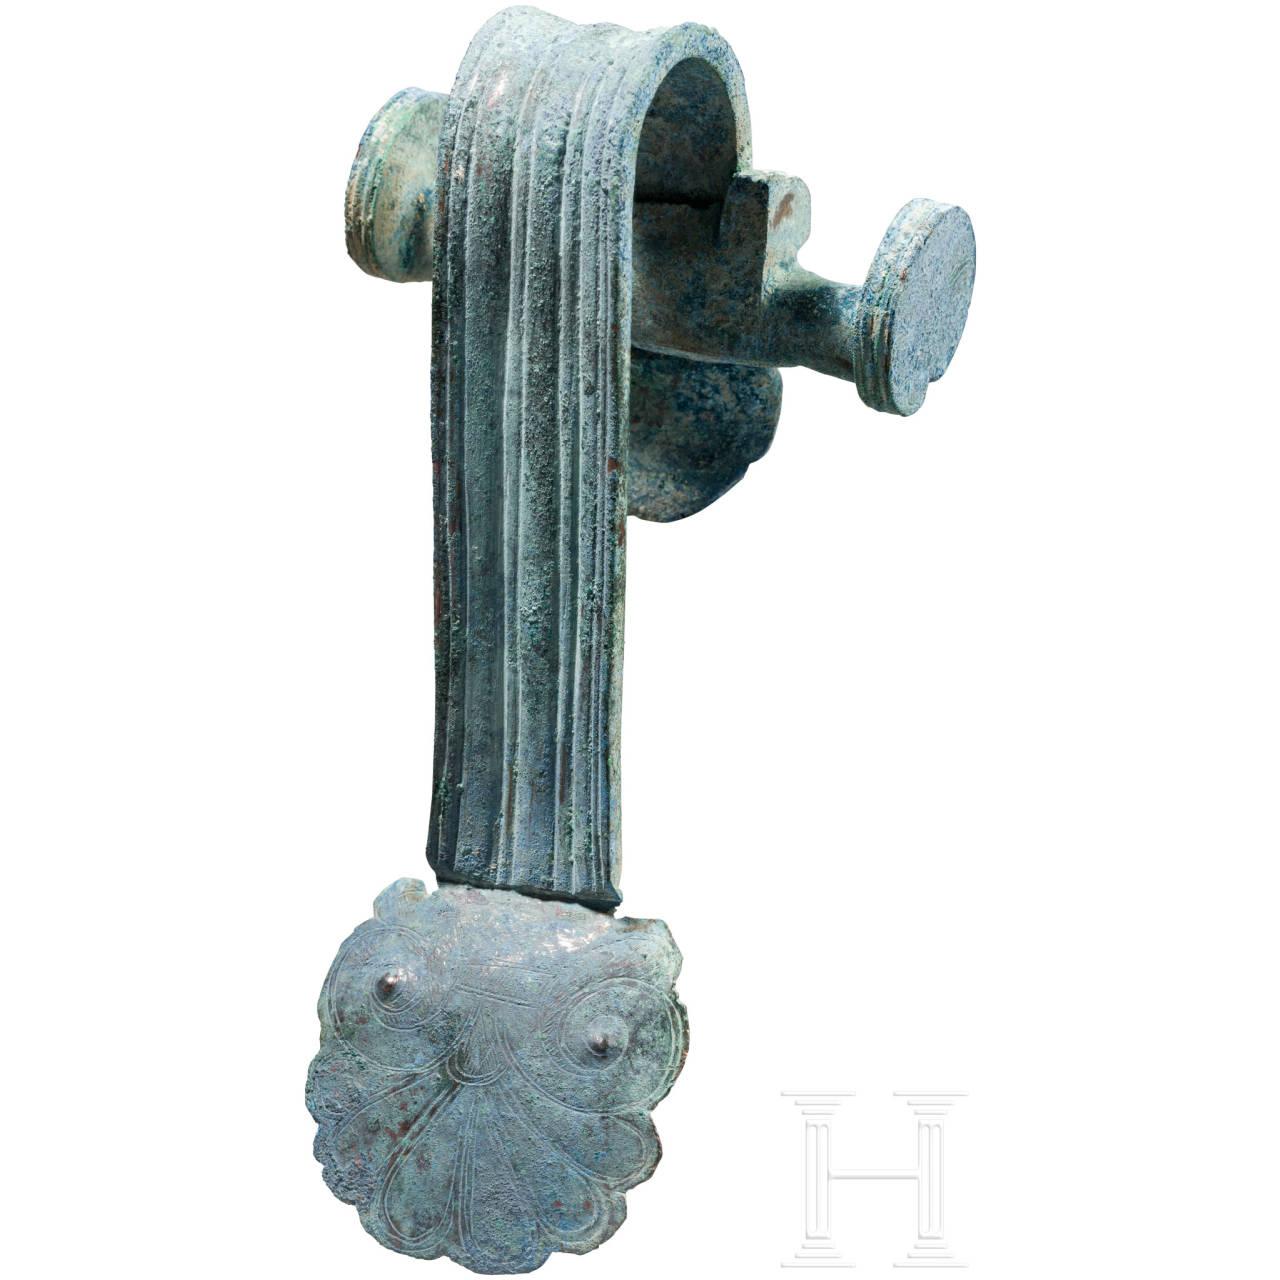 Henkelattasche eines Bronzegefäßes, Griechenland, 5. Jhdt. v. Chr.